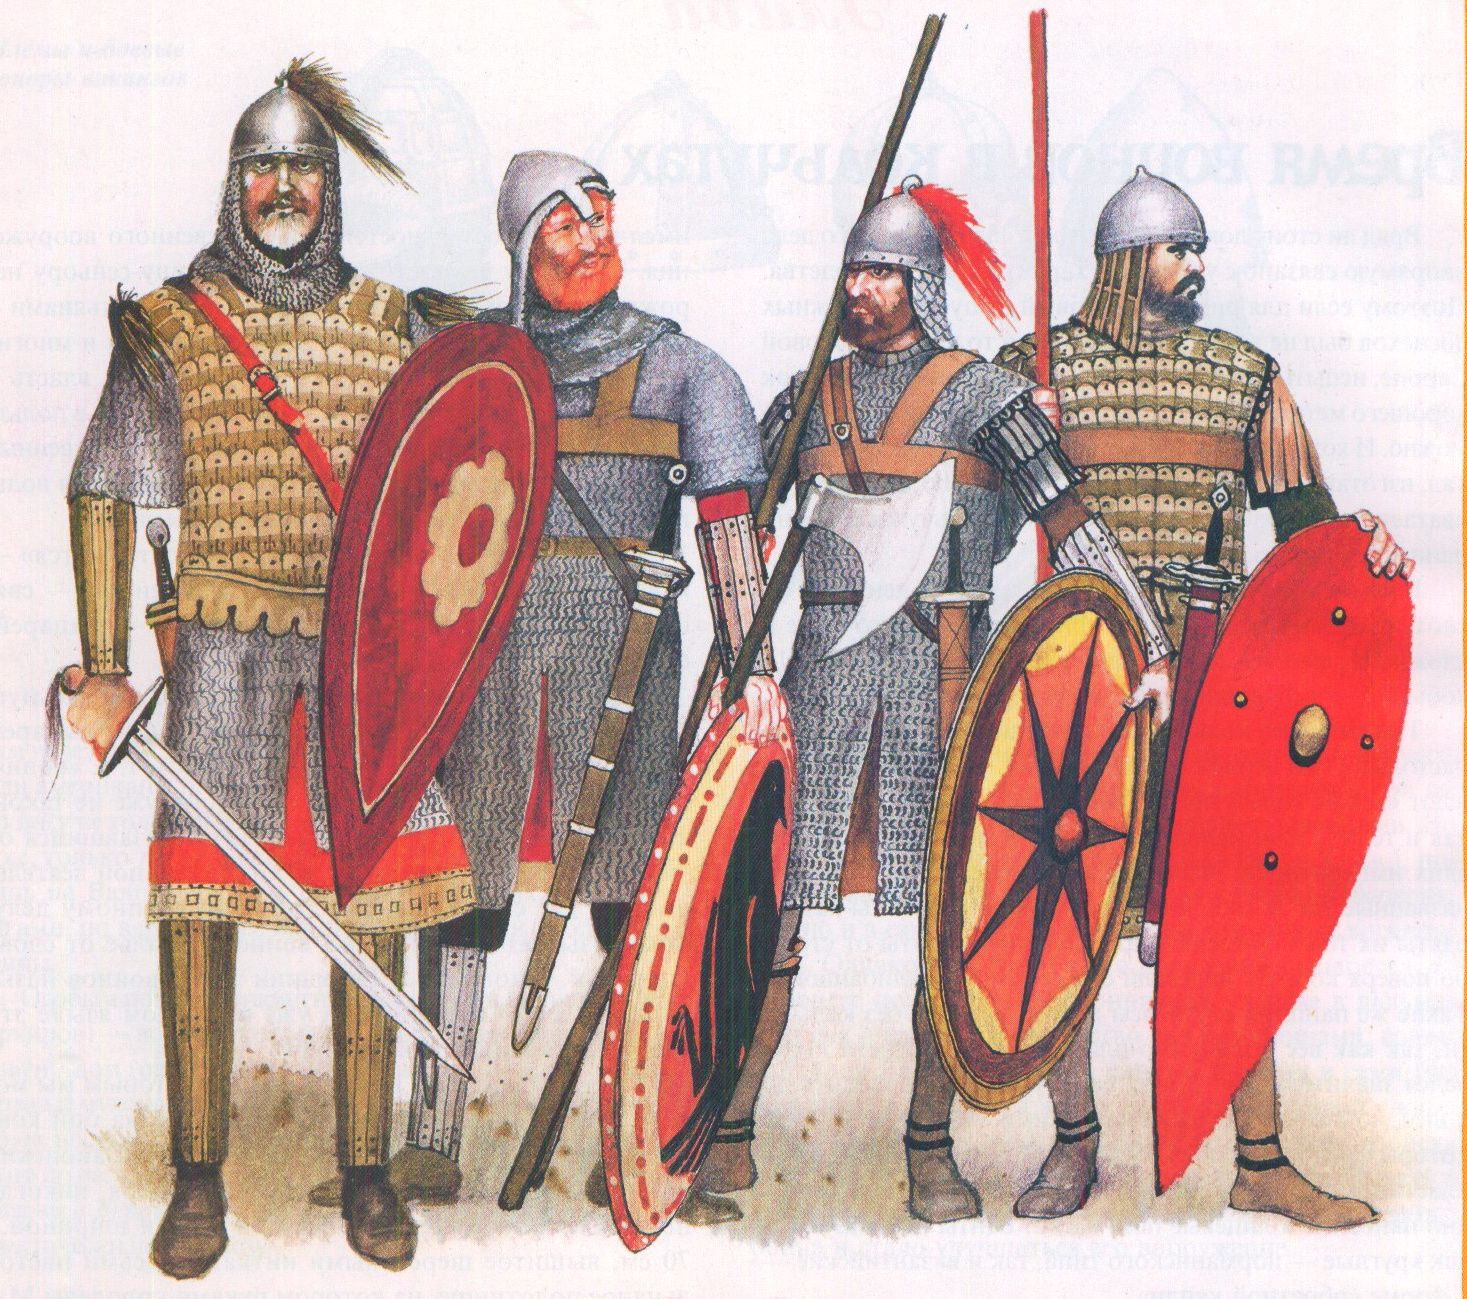 how to become varangian guard